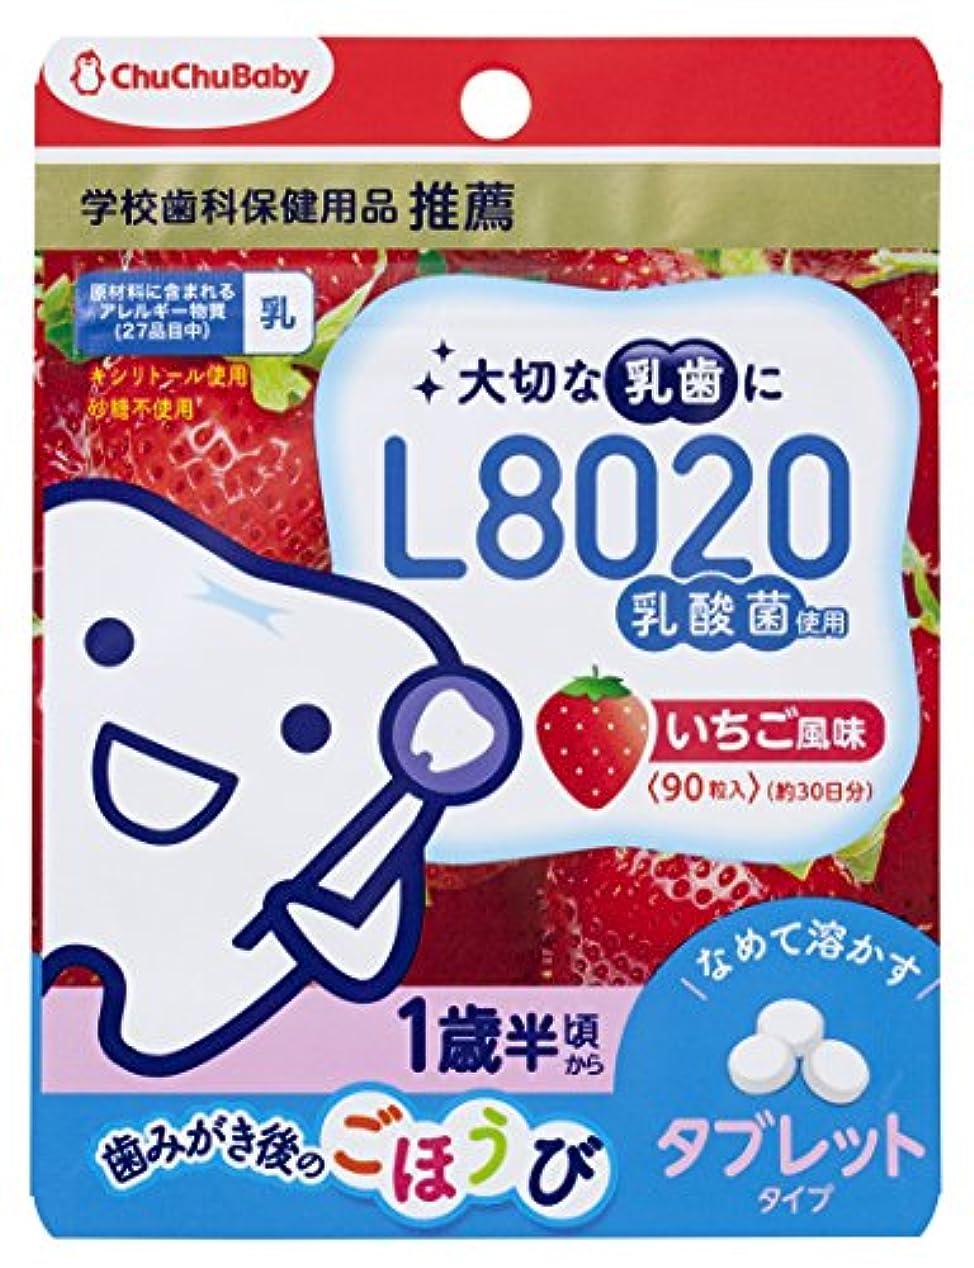 宣言ジョットディボンドン褒賞チュチュベビー L8020乳酸菌入タブレット ヨーグルトいちご風味